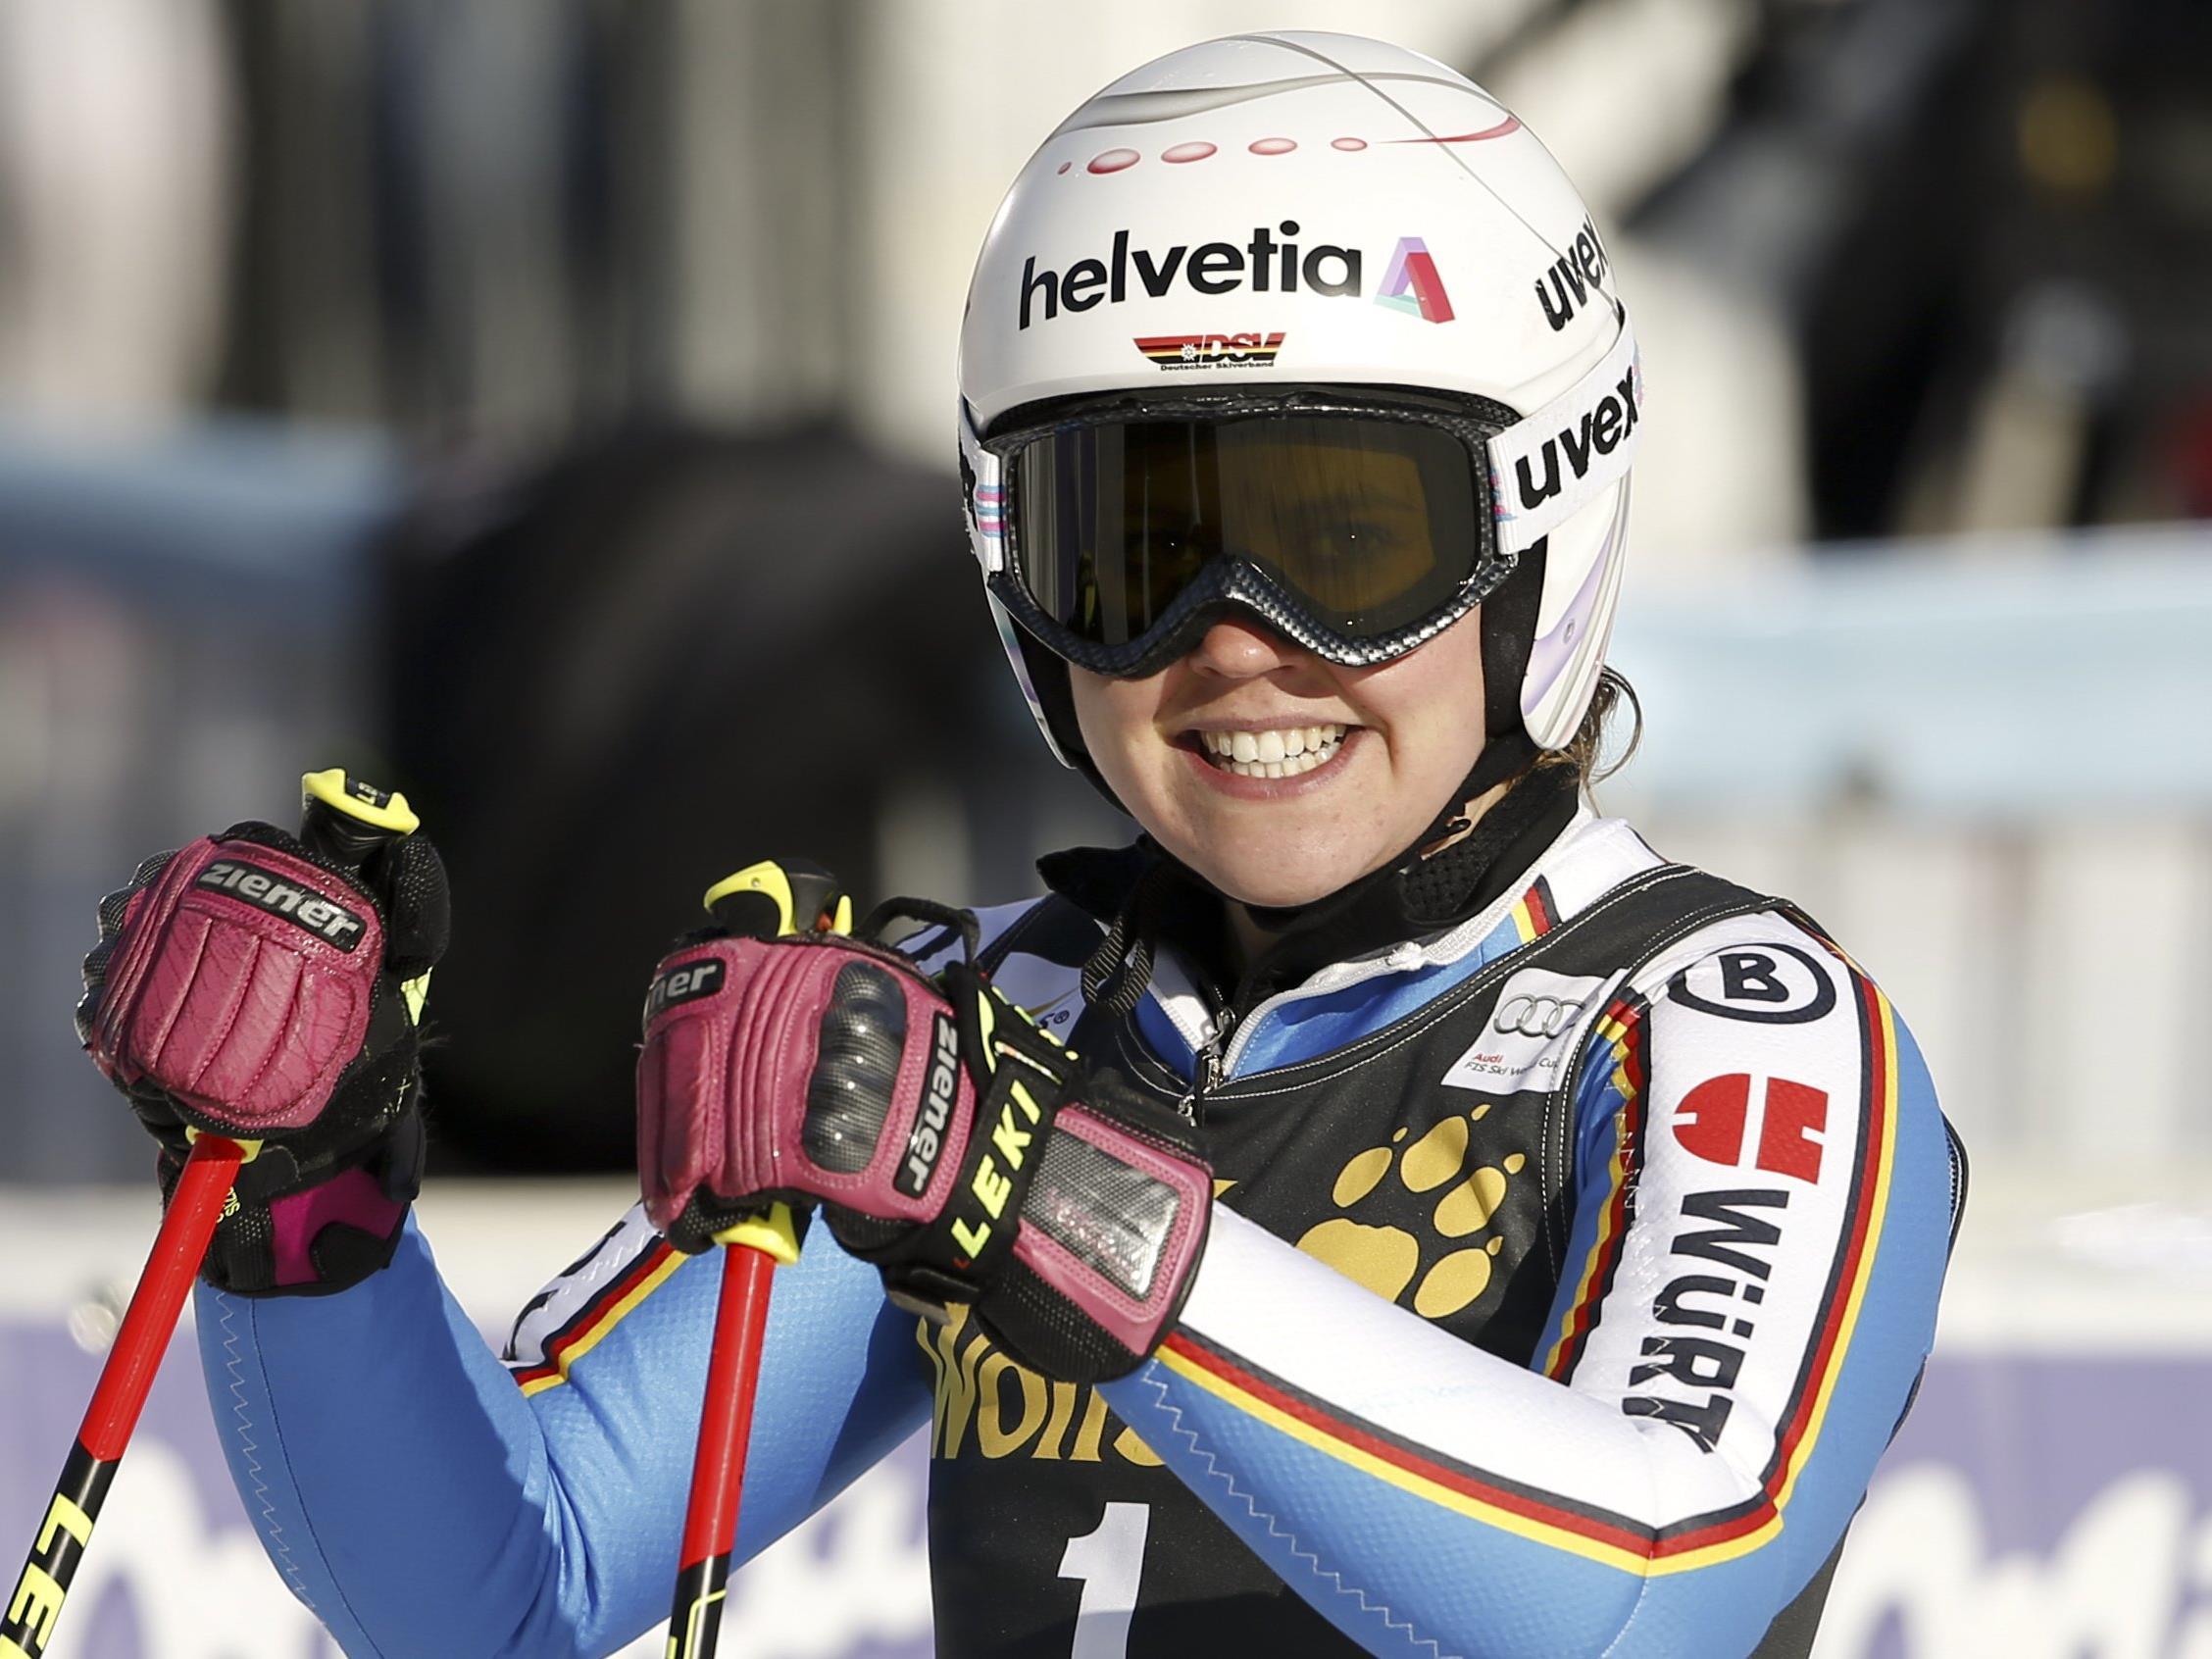 Rebensburg gewinnt Weltcup-Riesenslalom in Maribor